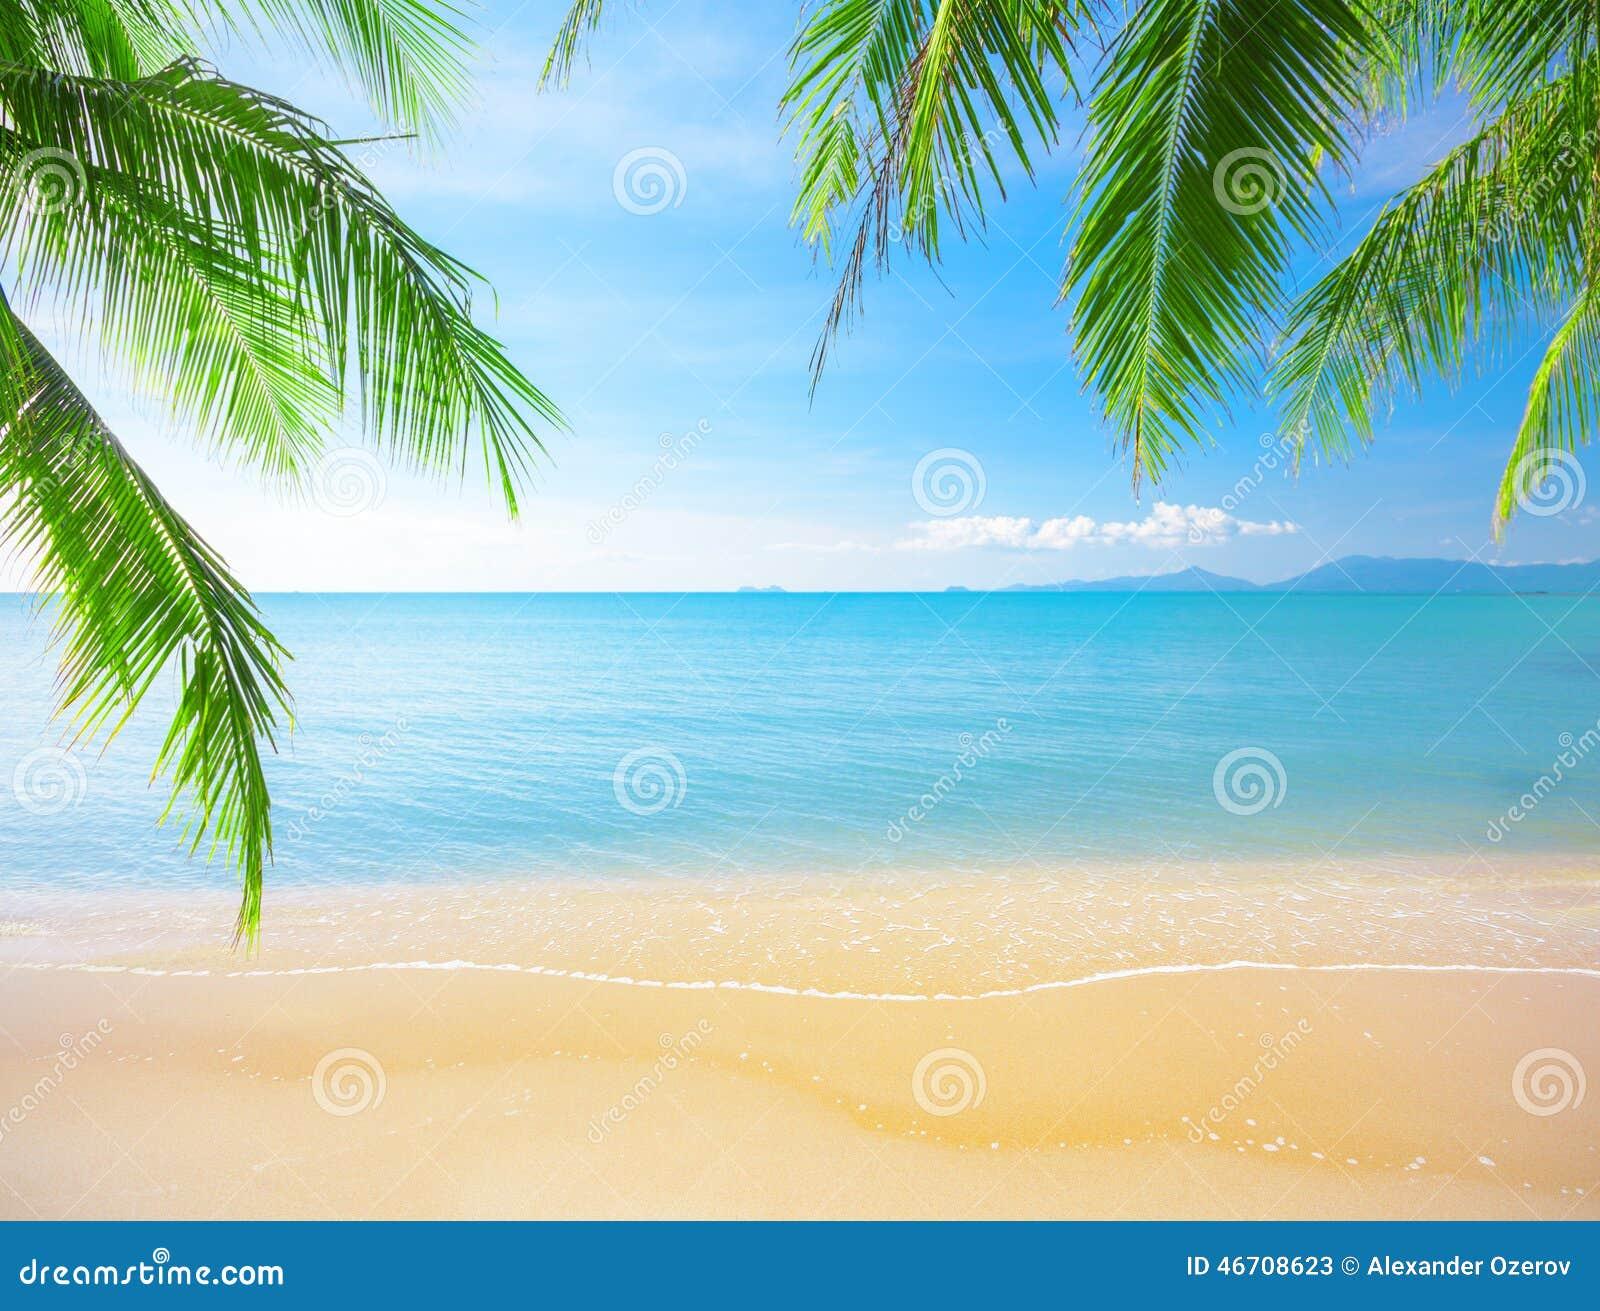 Paume et plage tropicale